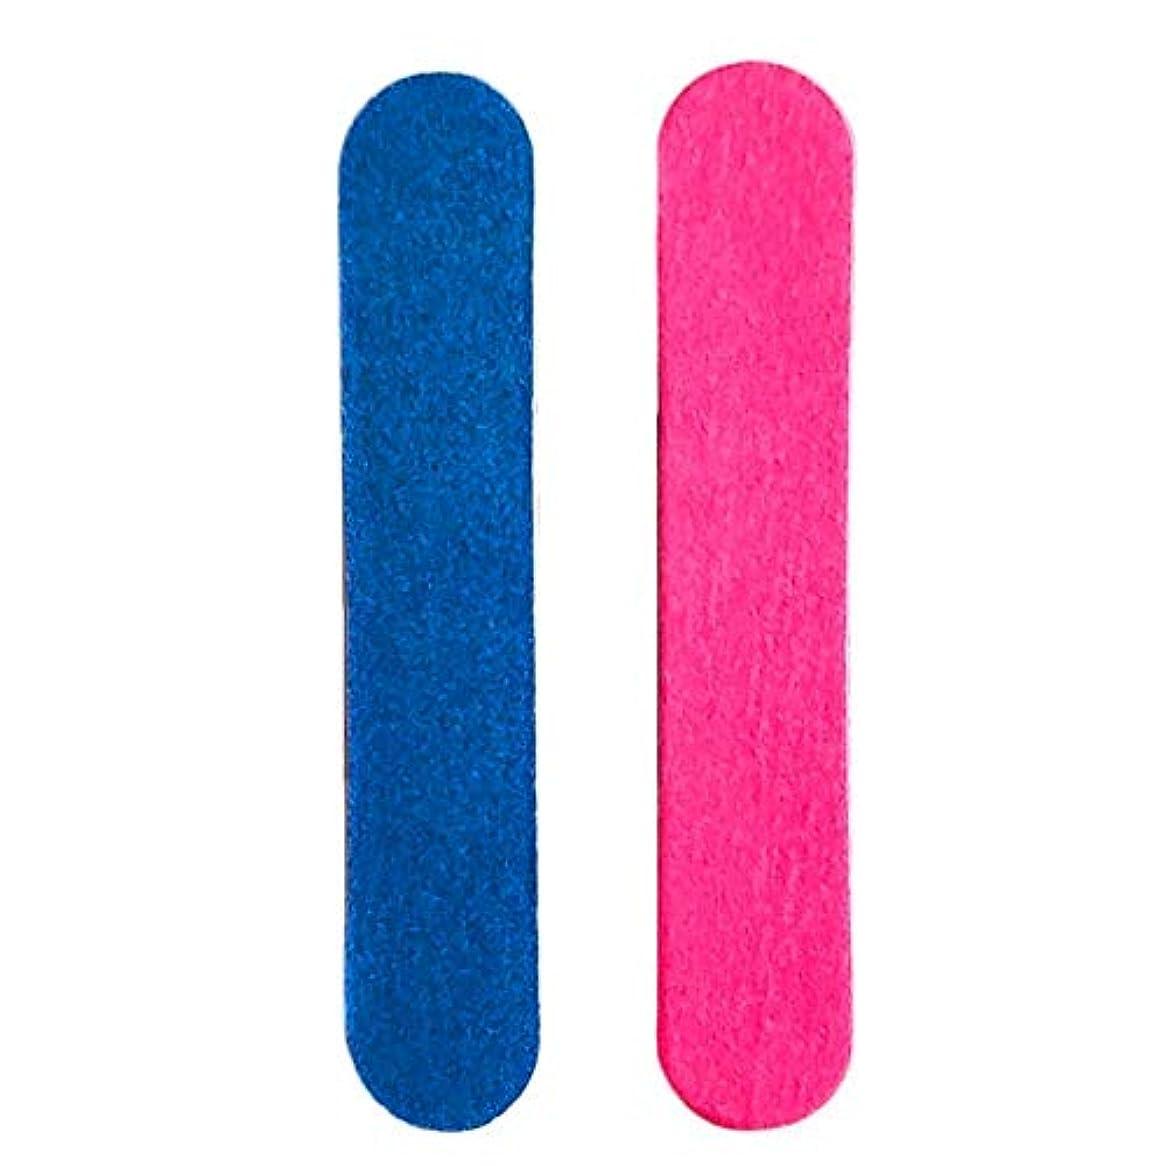 薄暗いお祝いトンBETTER YOU (ベター ュー) 両面 ネイル 砂紙 爪やすり 木製 ネイルツール 使いやすい 10個入れ